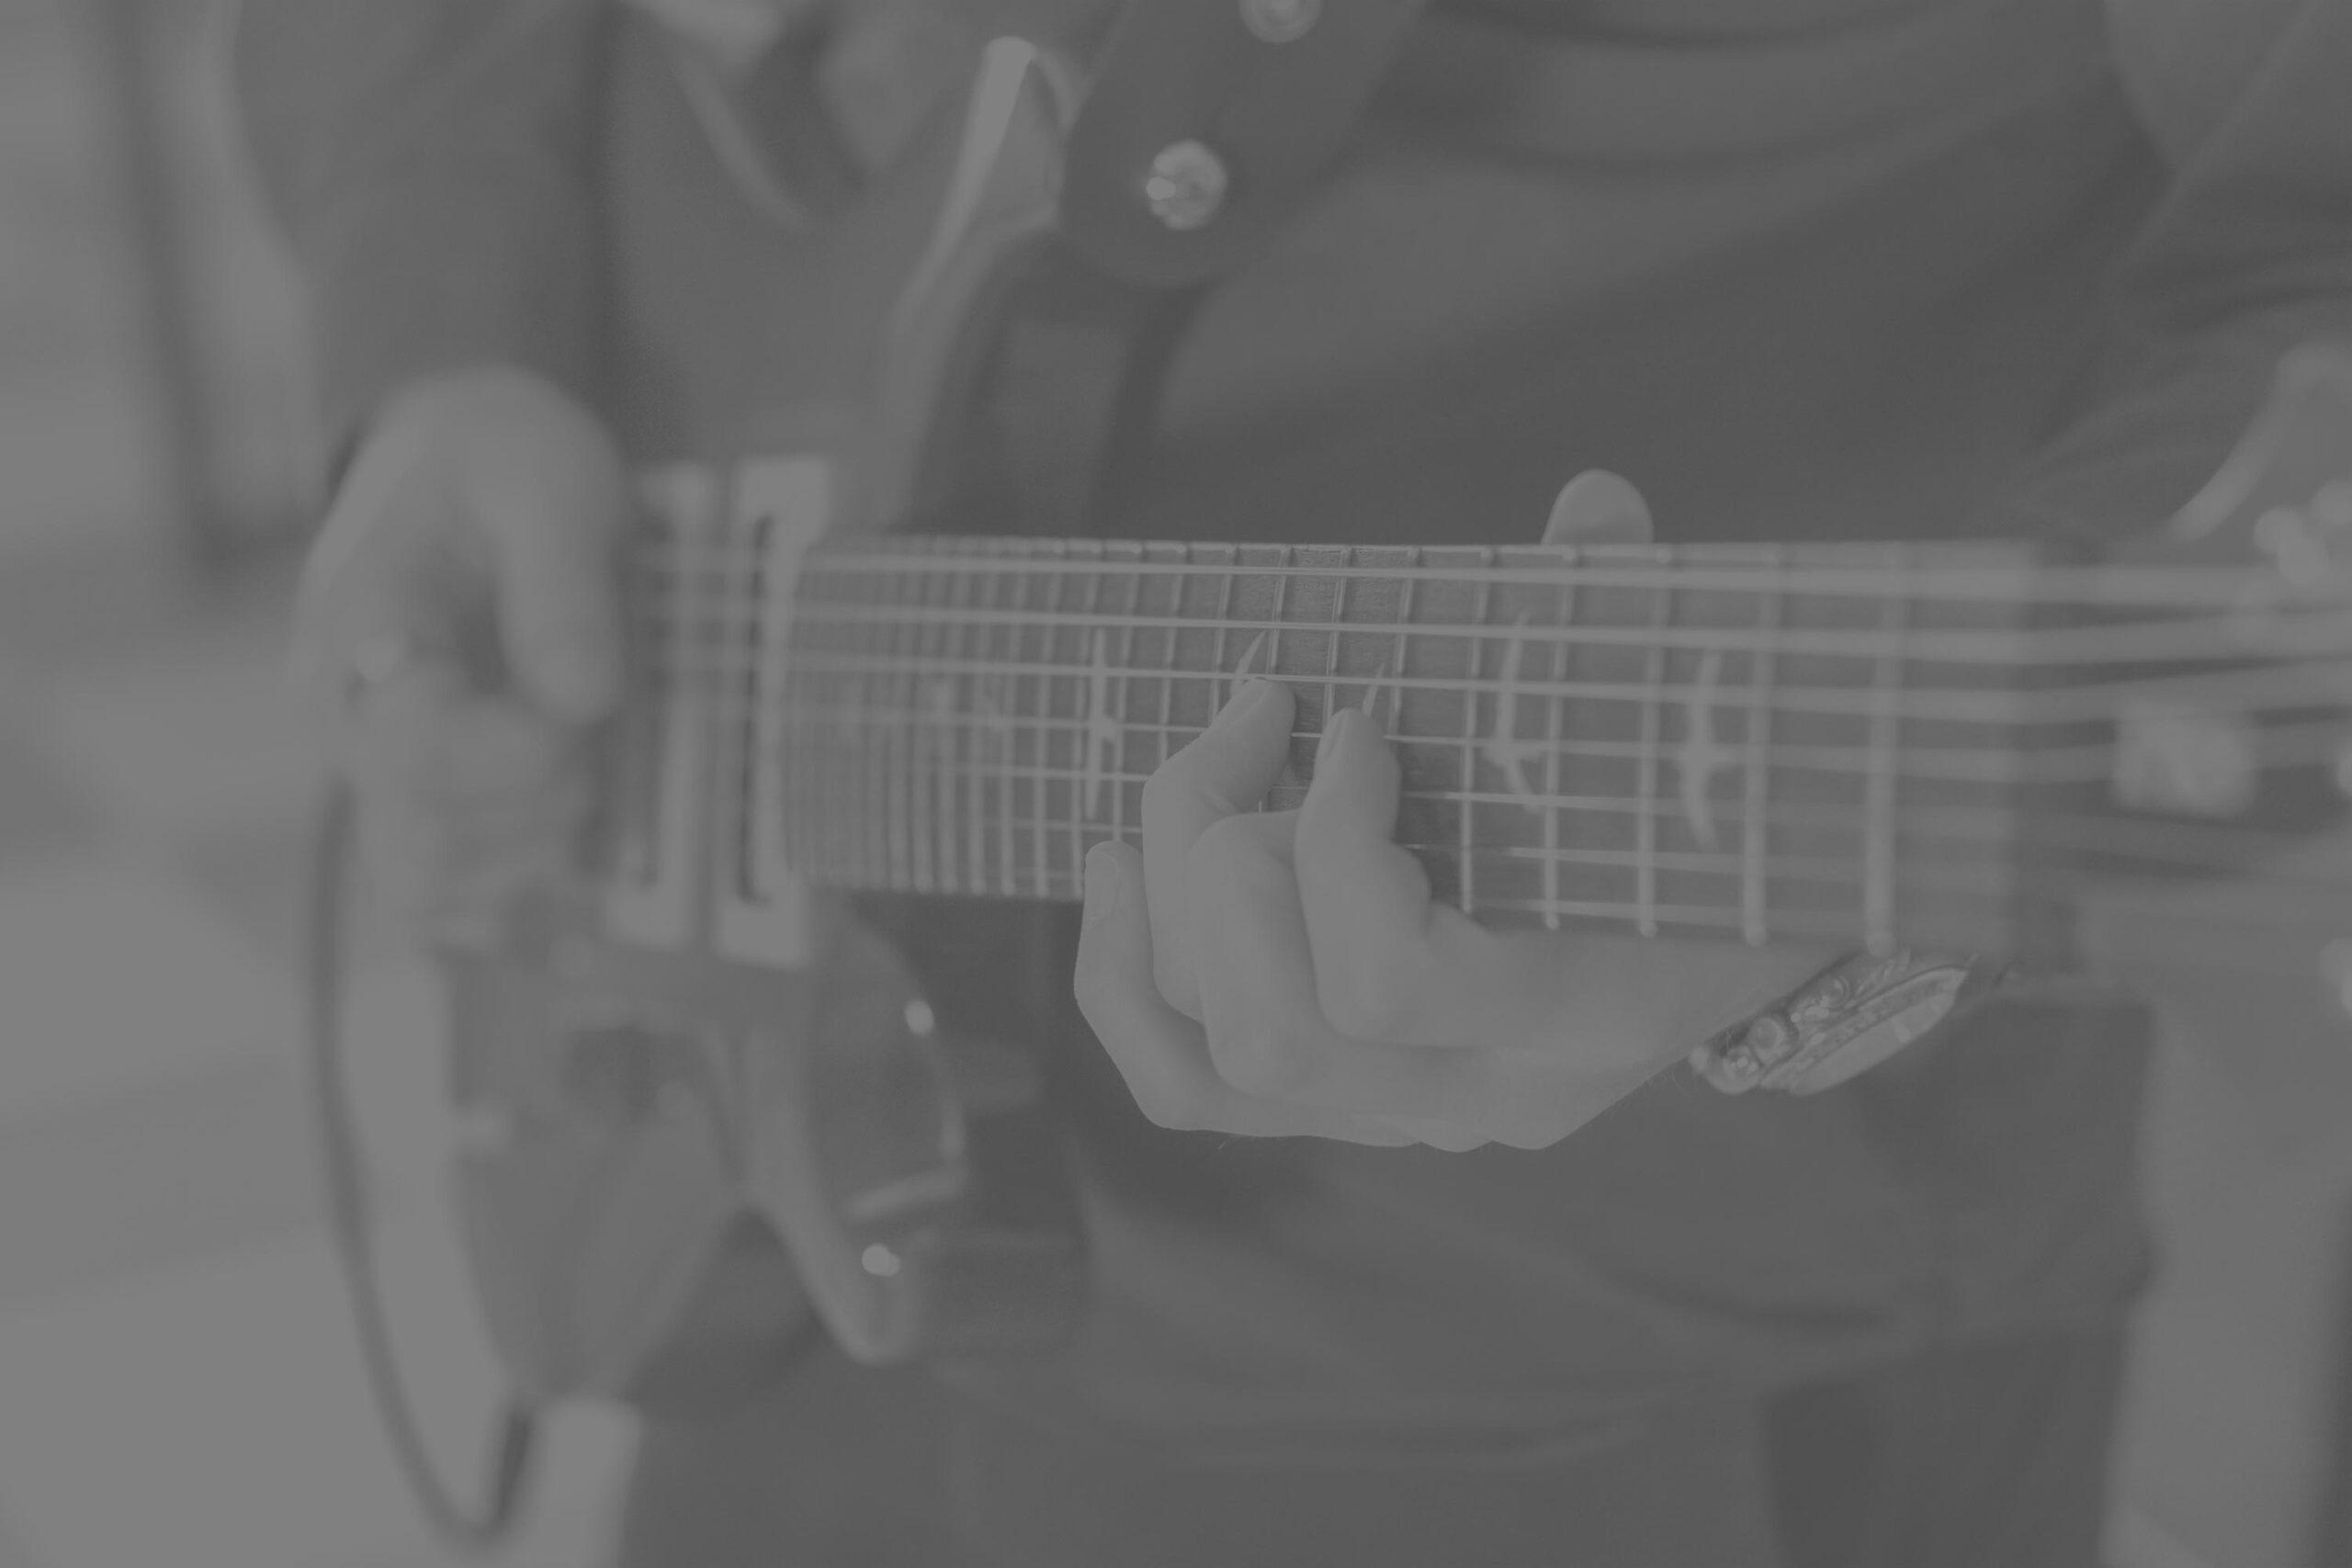 Lähikuva kitaraa soittavasta ihmisestä